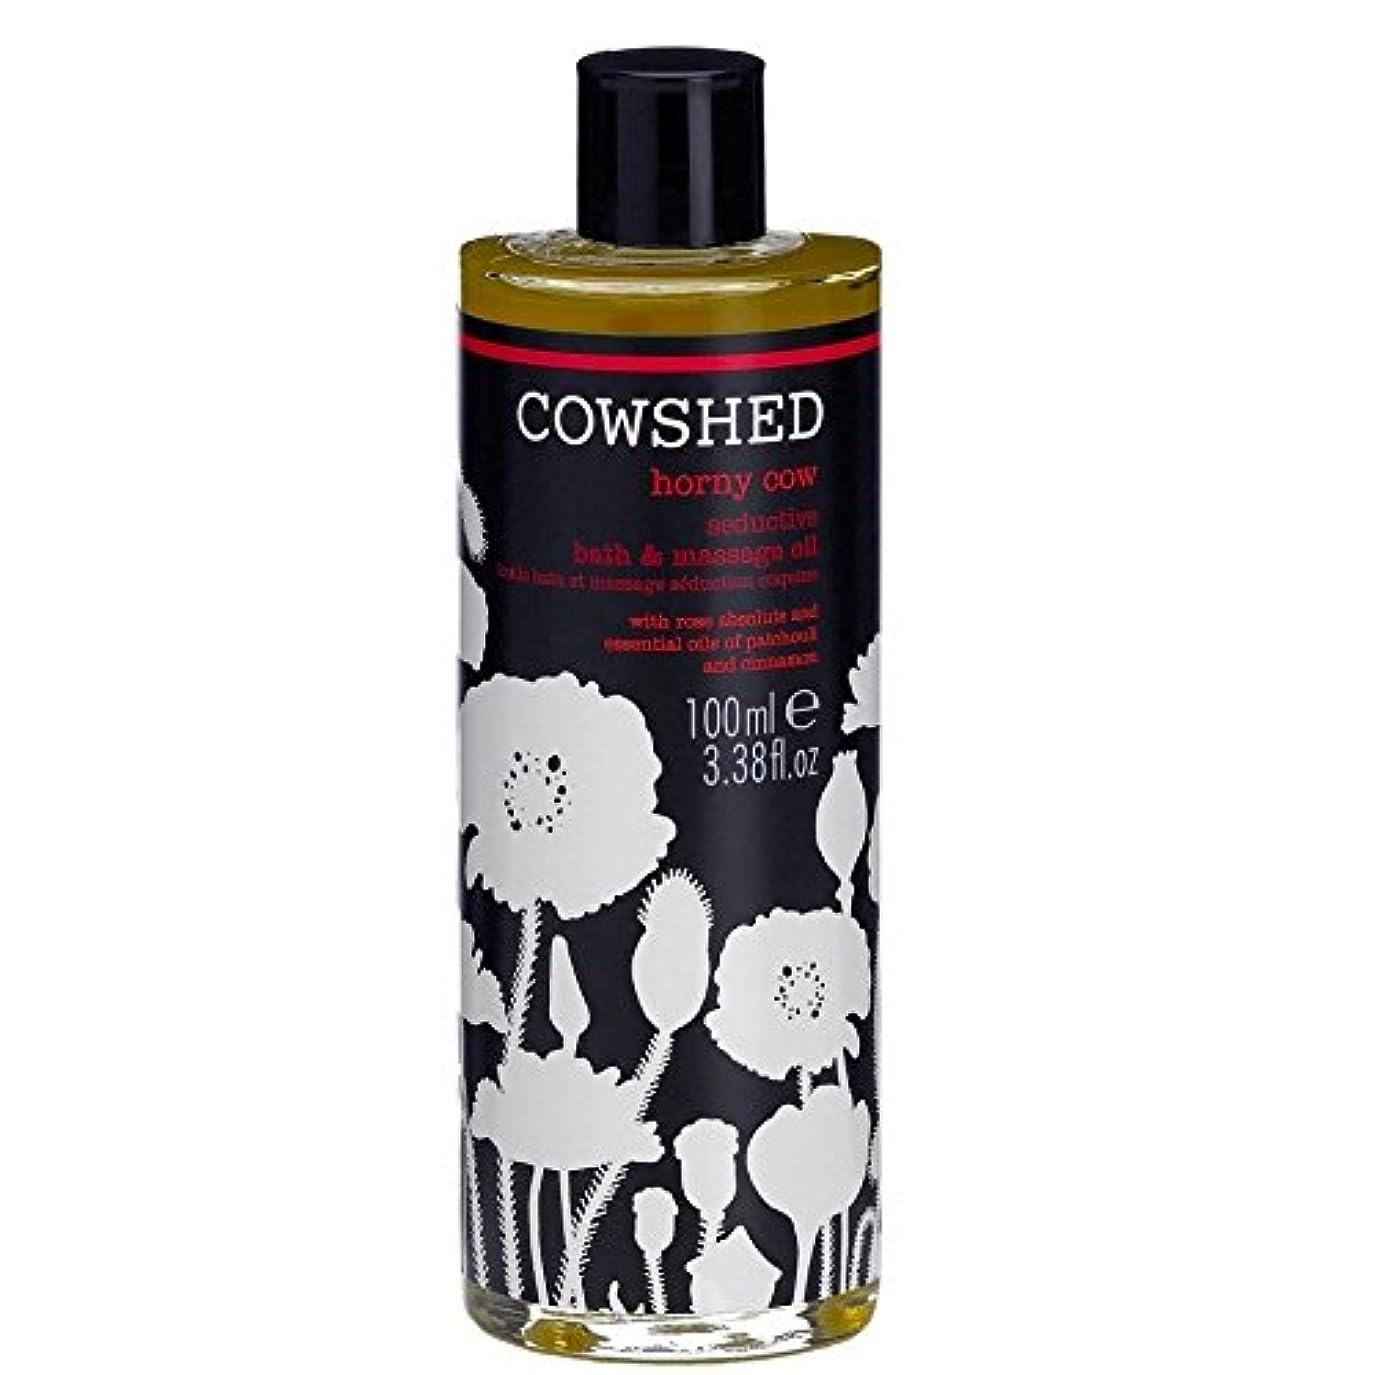 神境界株式牛舎角質牛魅惑的なバス、ボディオイル100ミリリットル x4 - Cowshed Horny Cow Seductive Bath and Body Oil 100ml (Pack of 4) [並行輸入品]